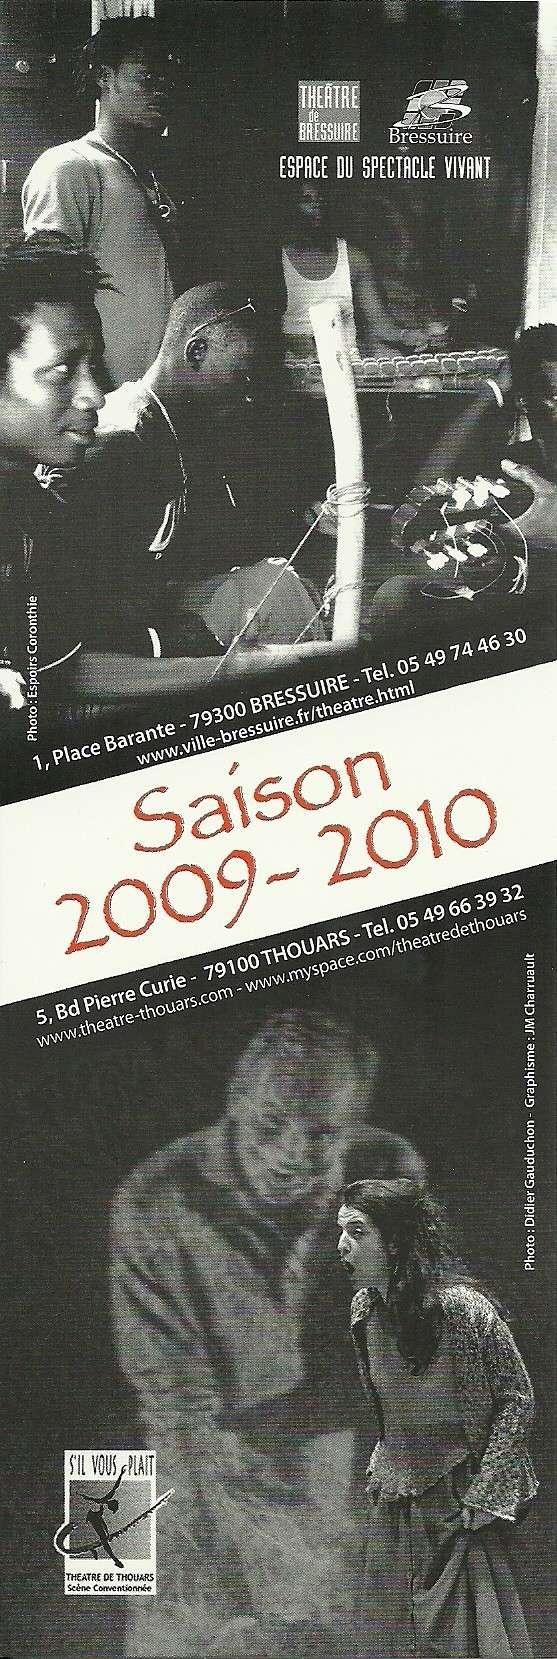 Doubles d'Alain Numar278